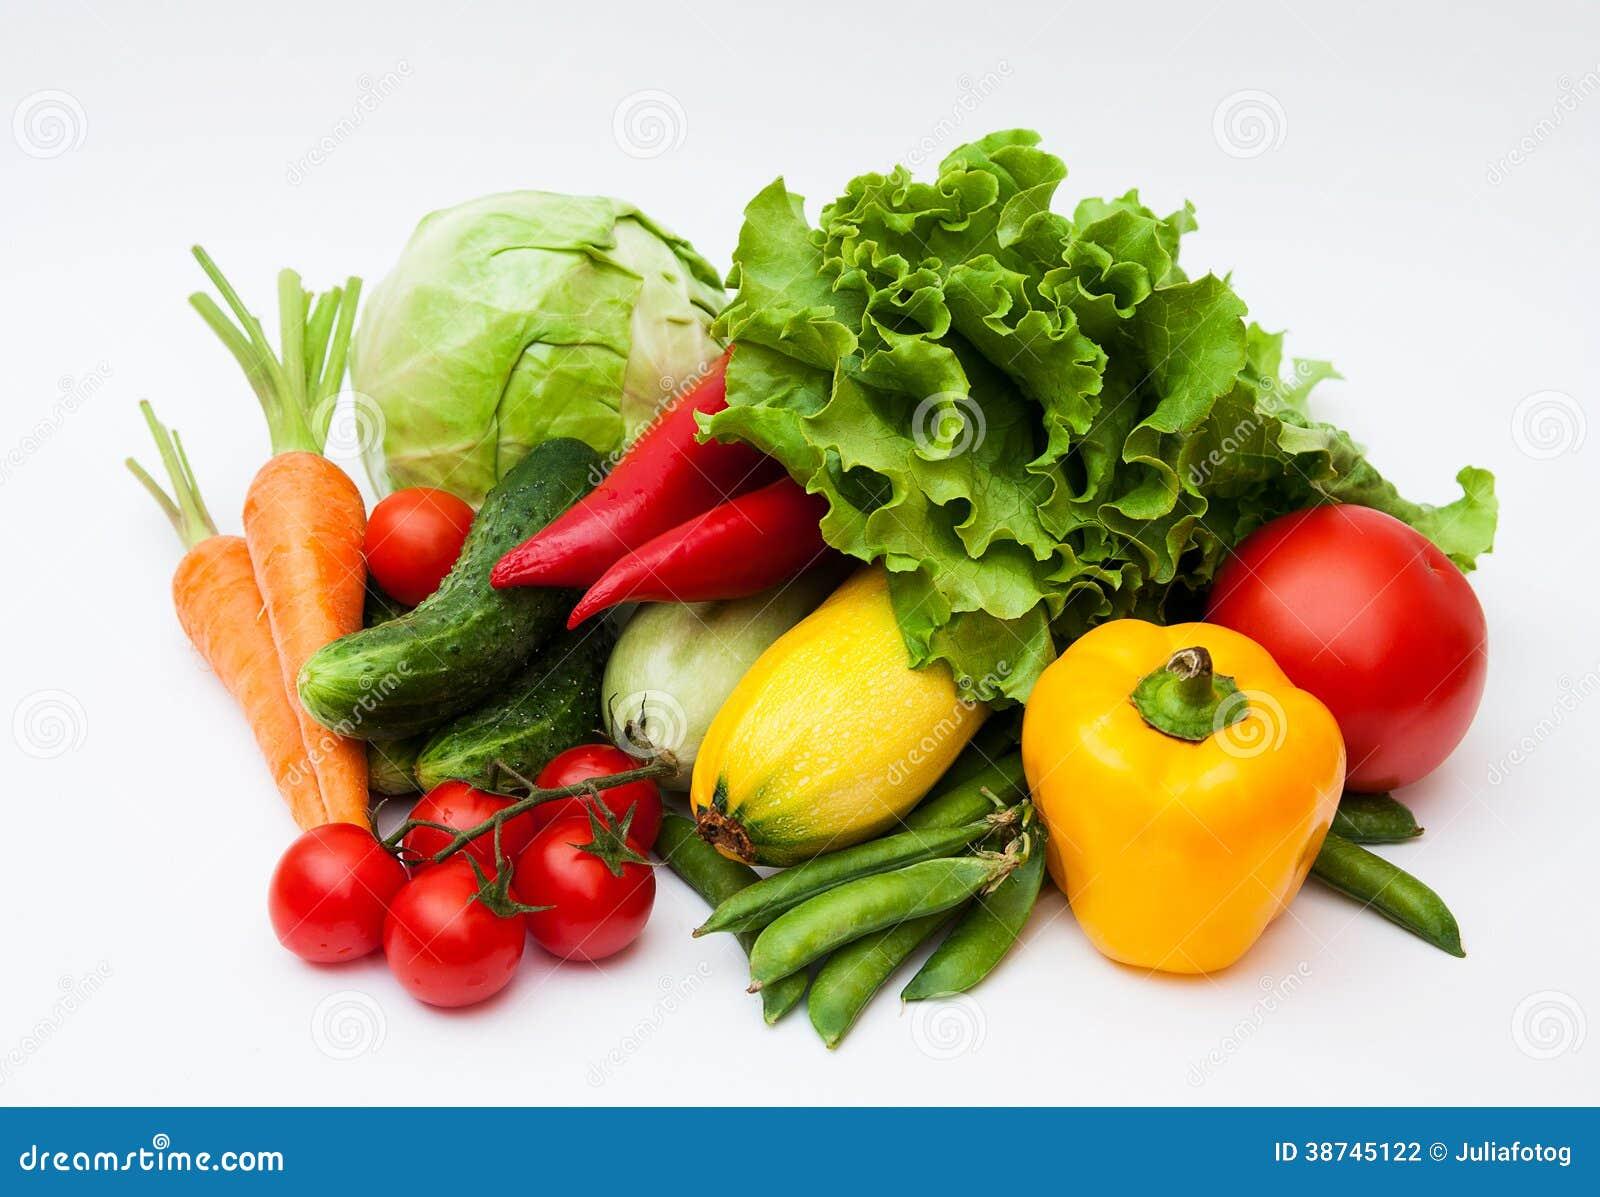 Nya smakliga grönsaker på vit.